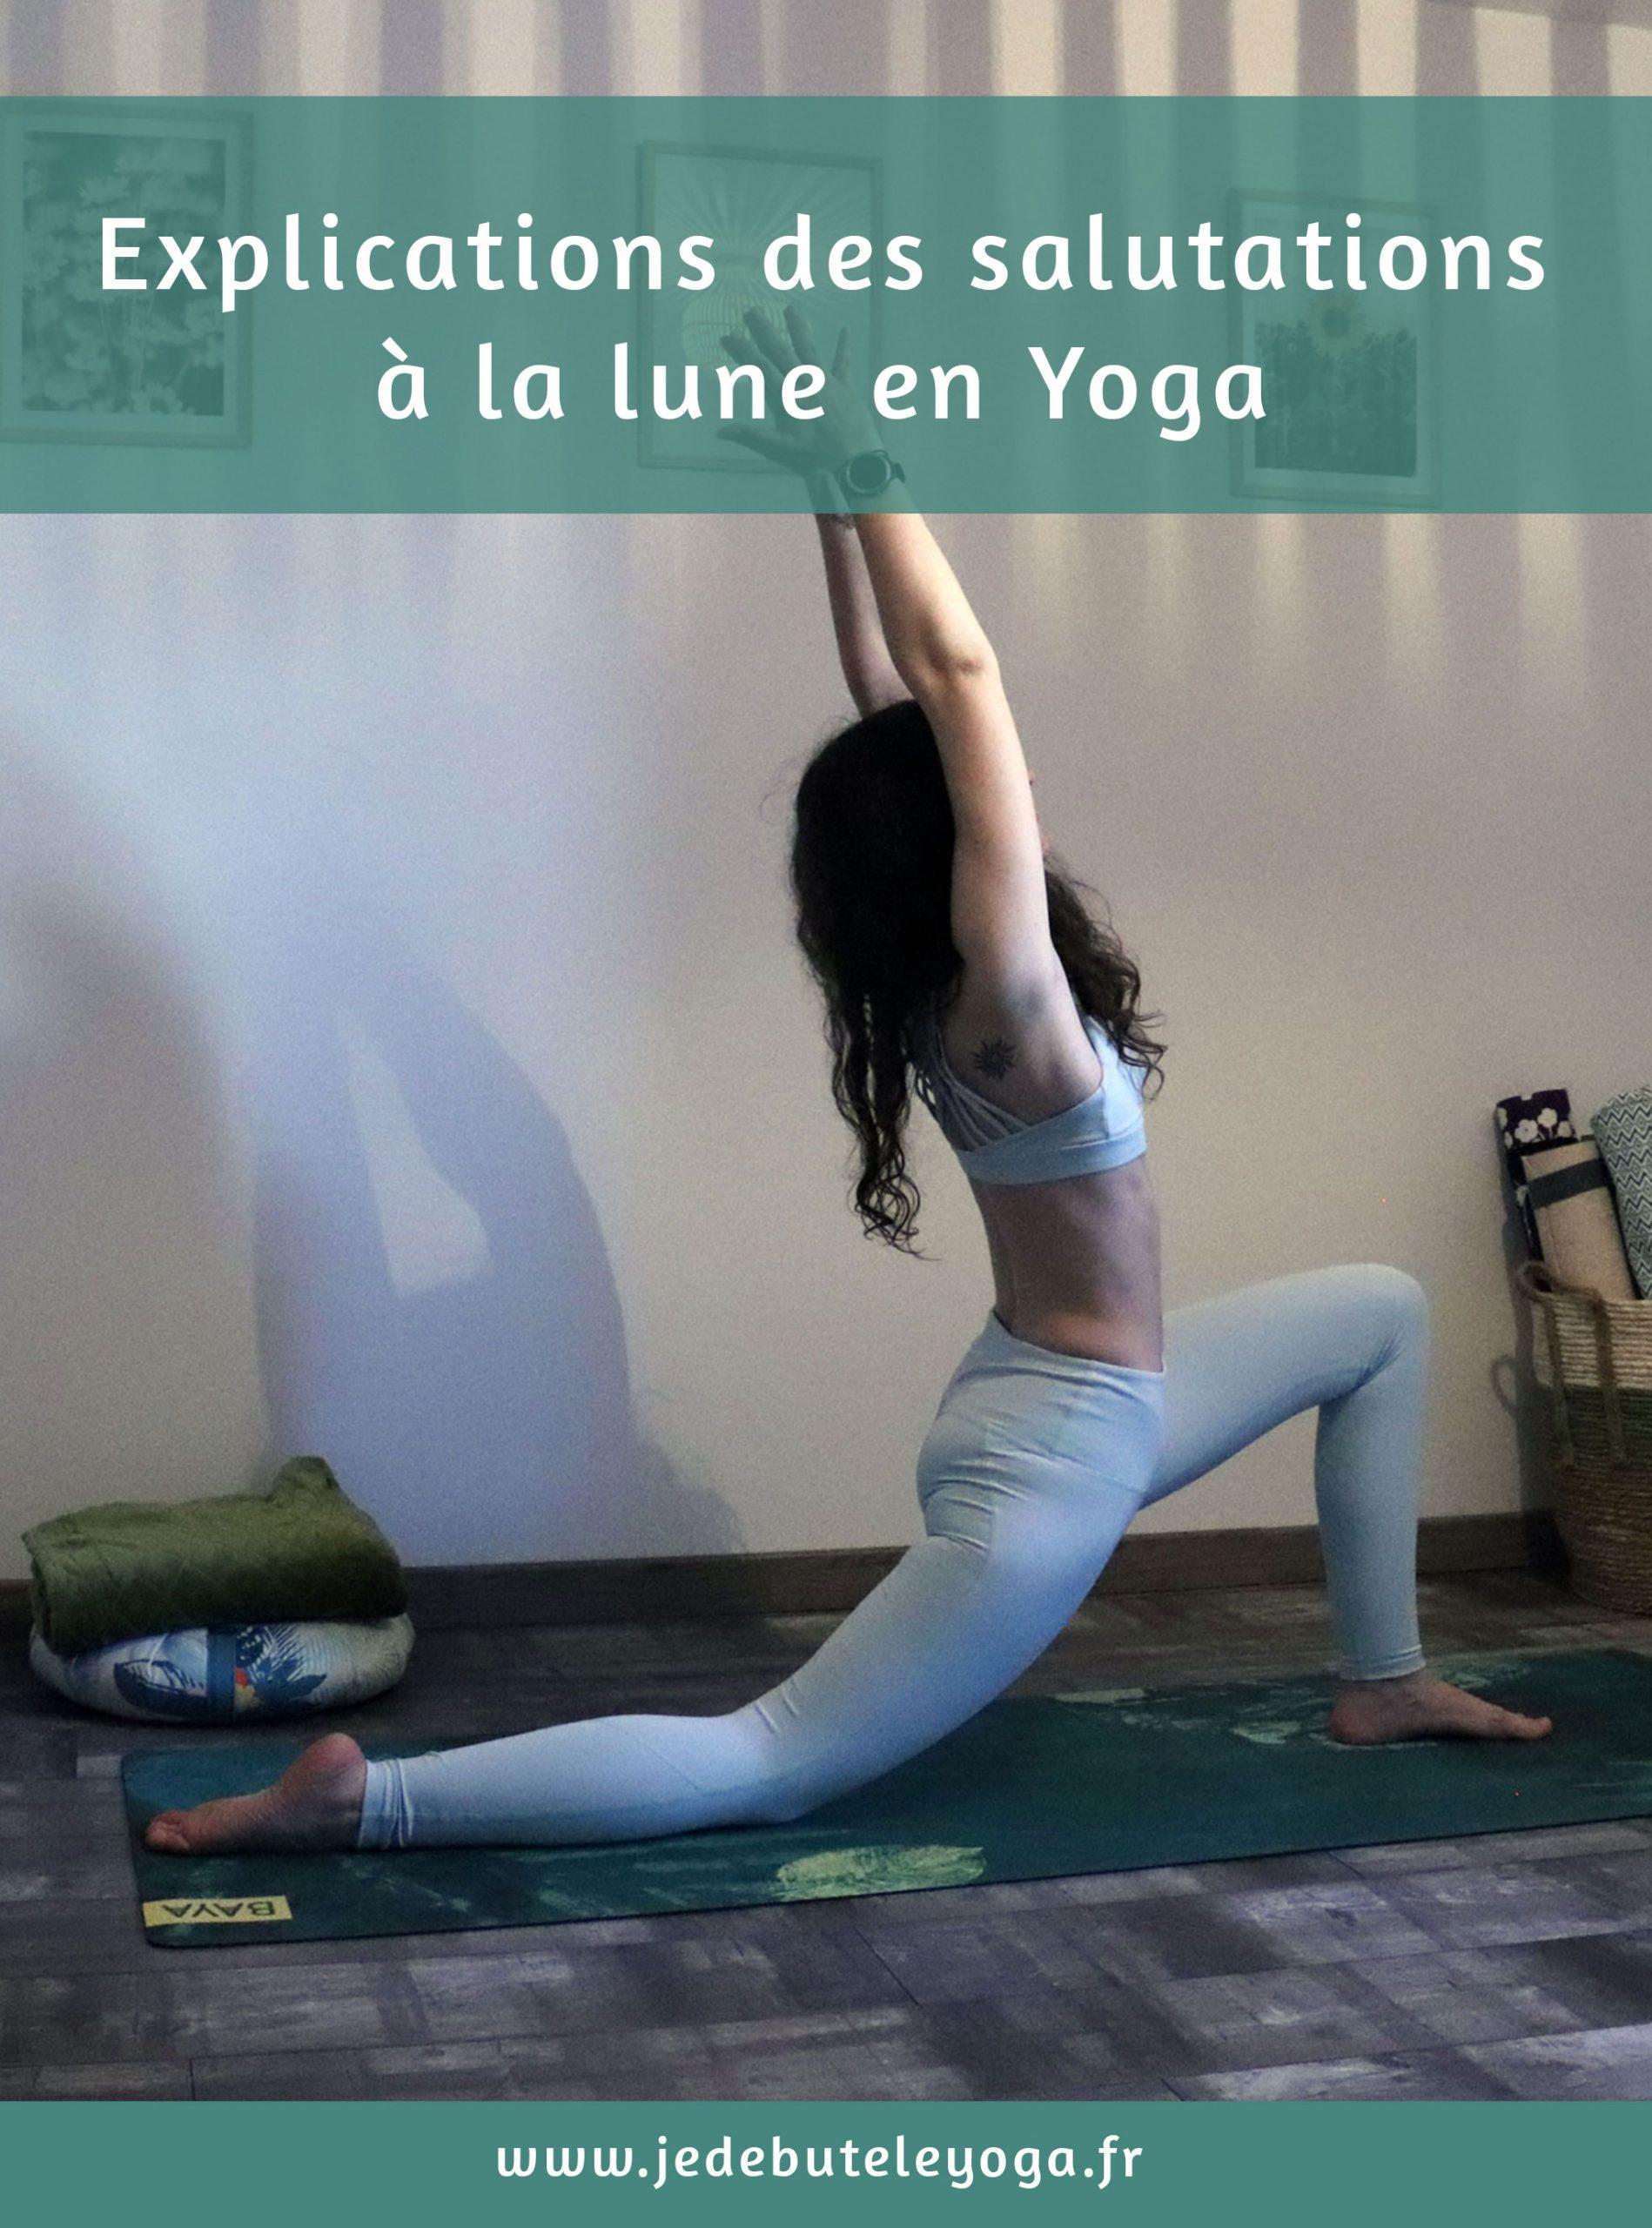 les salutations à la lune en yoga